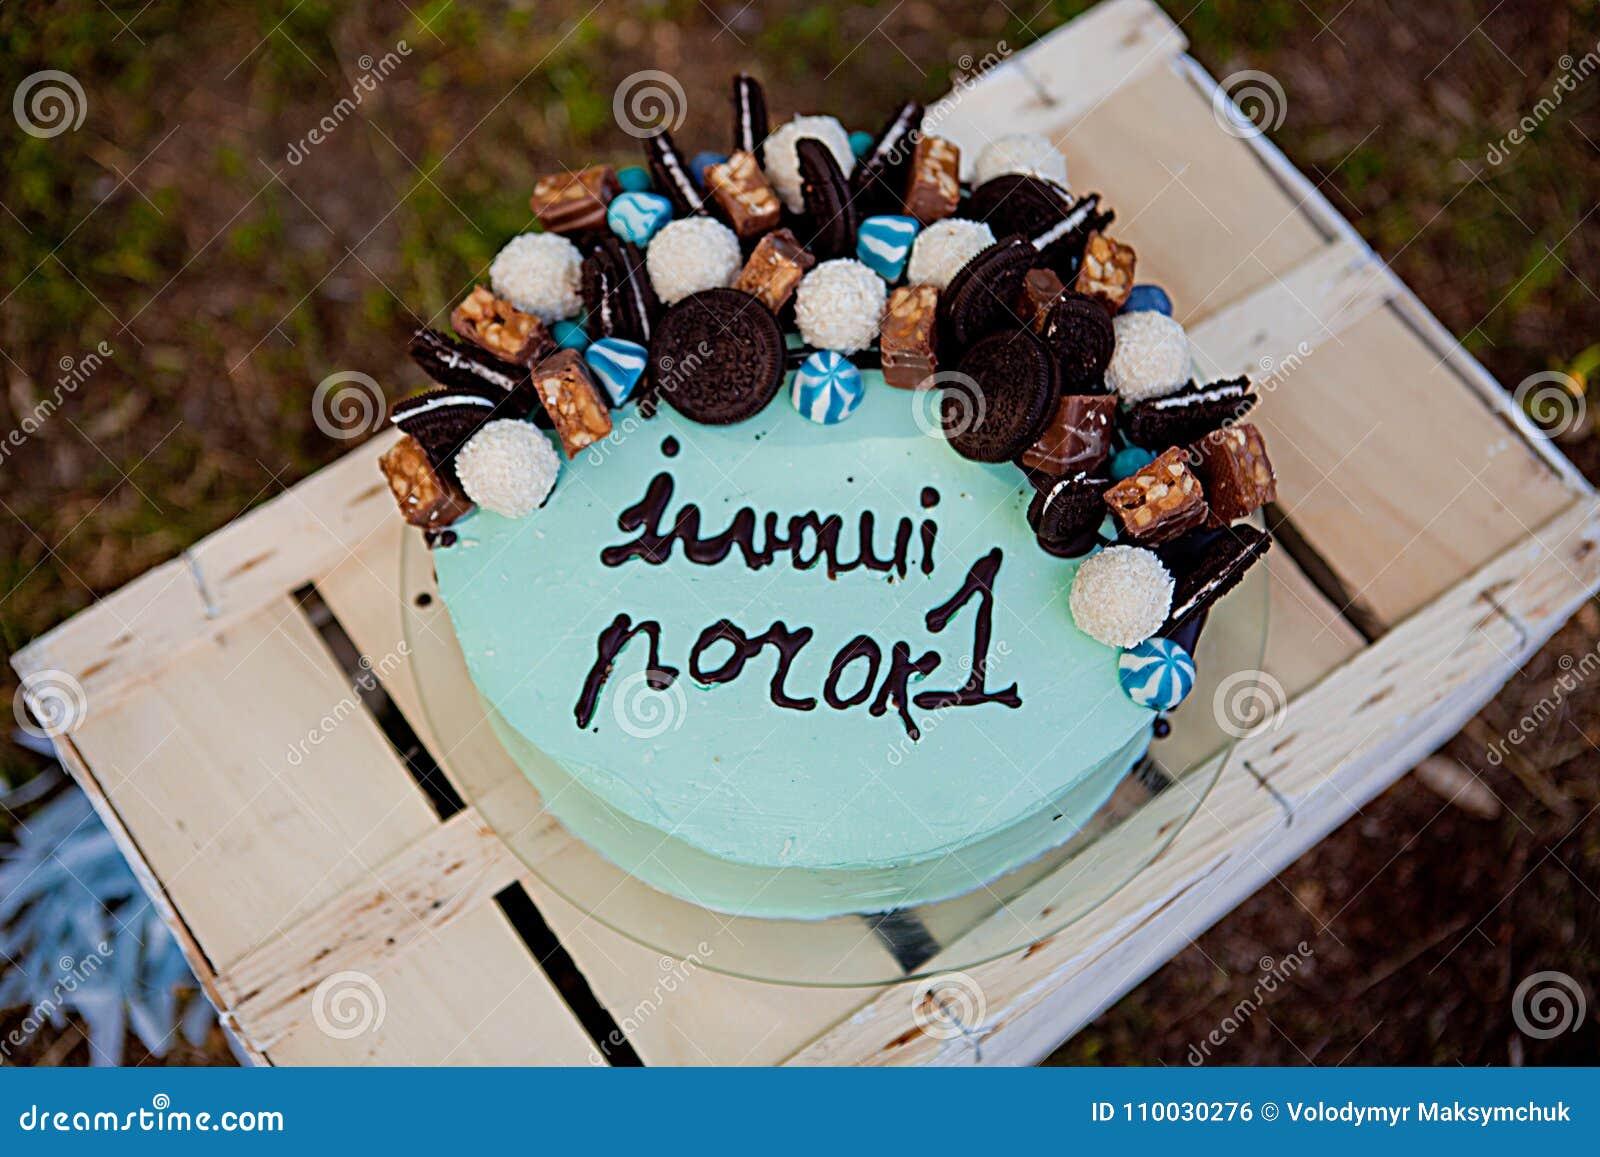 Baby Erster Geburtstag Blauer Kuchen Auf Einem Kasten Fur 1